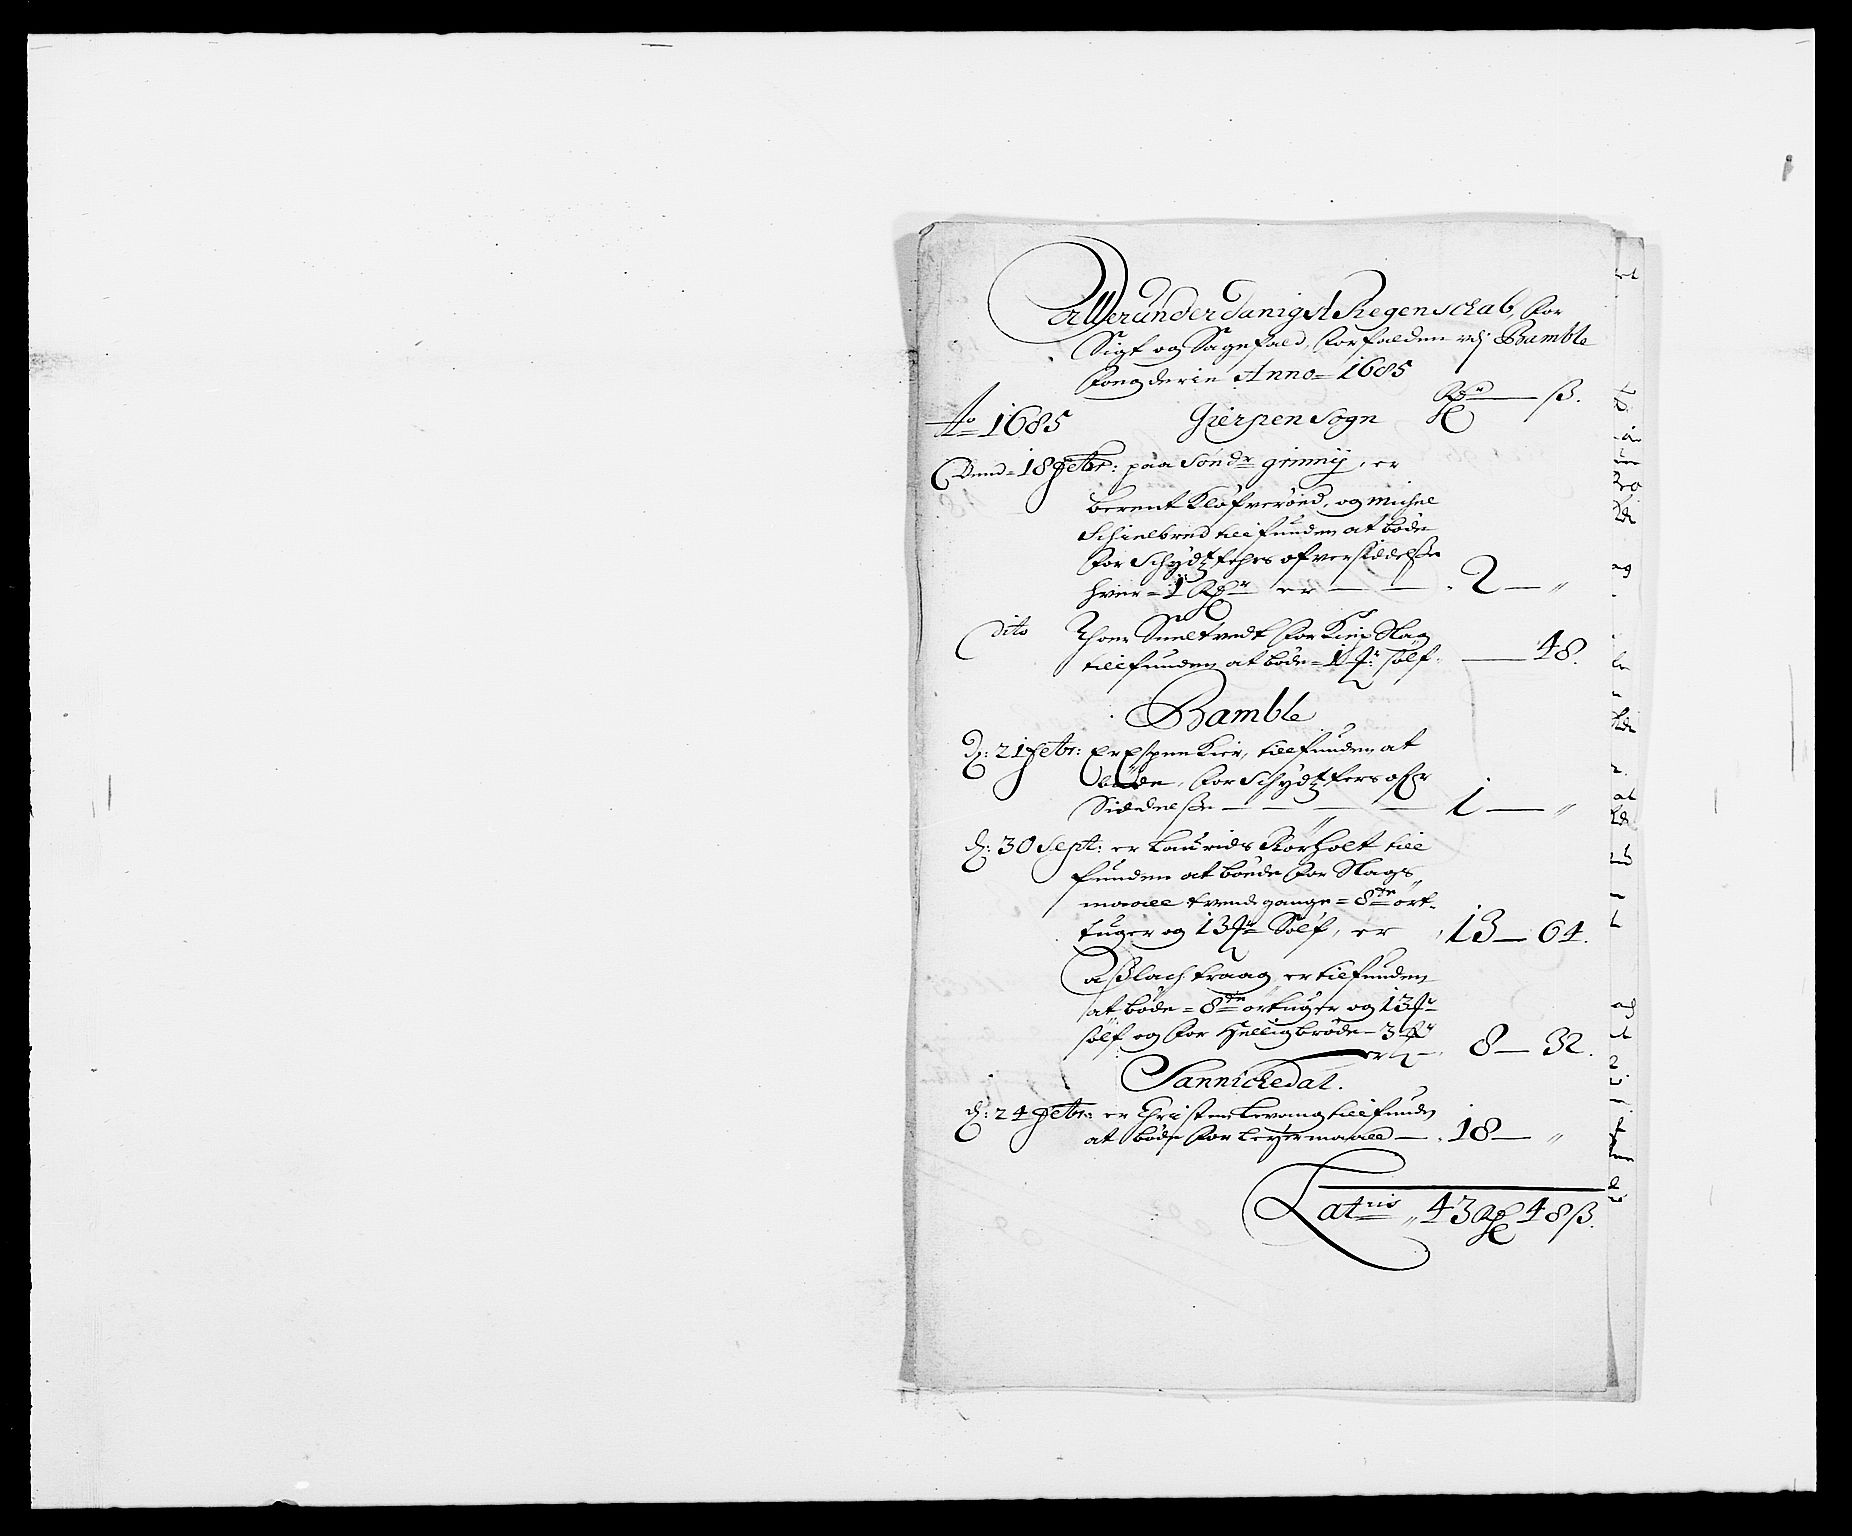 RA, Rentekammeret inntil 1814, Reviderte regnskaper, Fogderegnskap, R34/L2048: Fogderegnskap Bamble, 1685-1687, s. 58